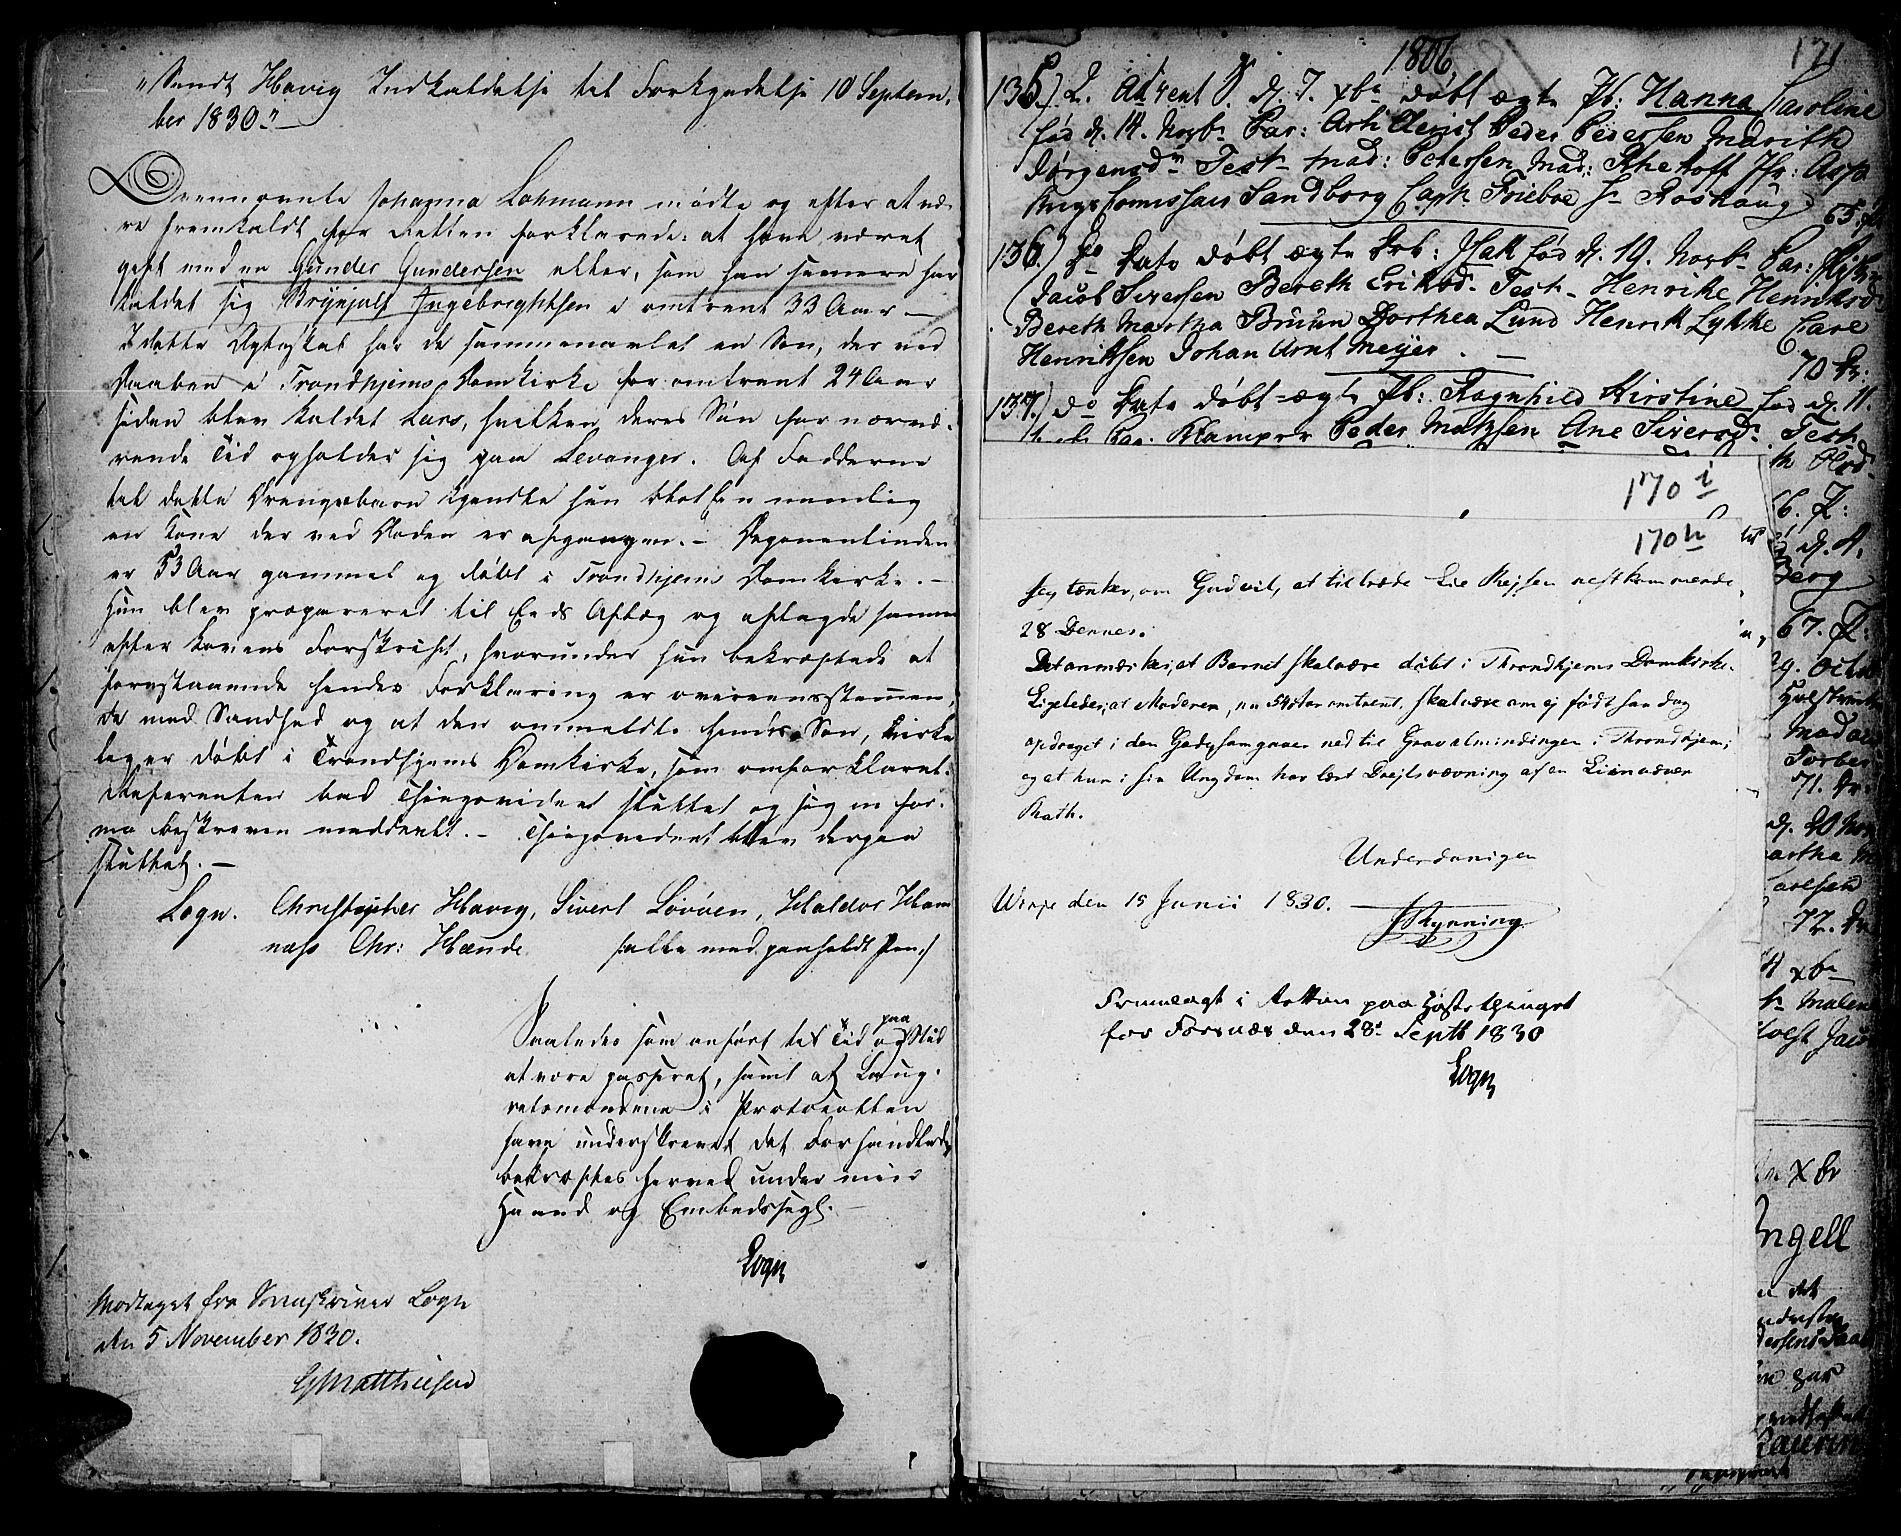 SAT, Ministerialprotokoller, klokkerbøker og fødselsregistre - Sør-Trøndelag, 601/L0039: Ministerialbok nr. 601A07, 1770-1819, s. 170h